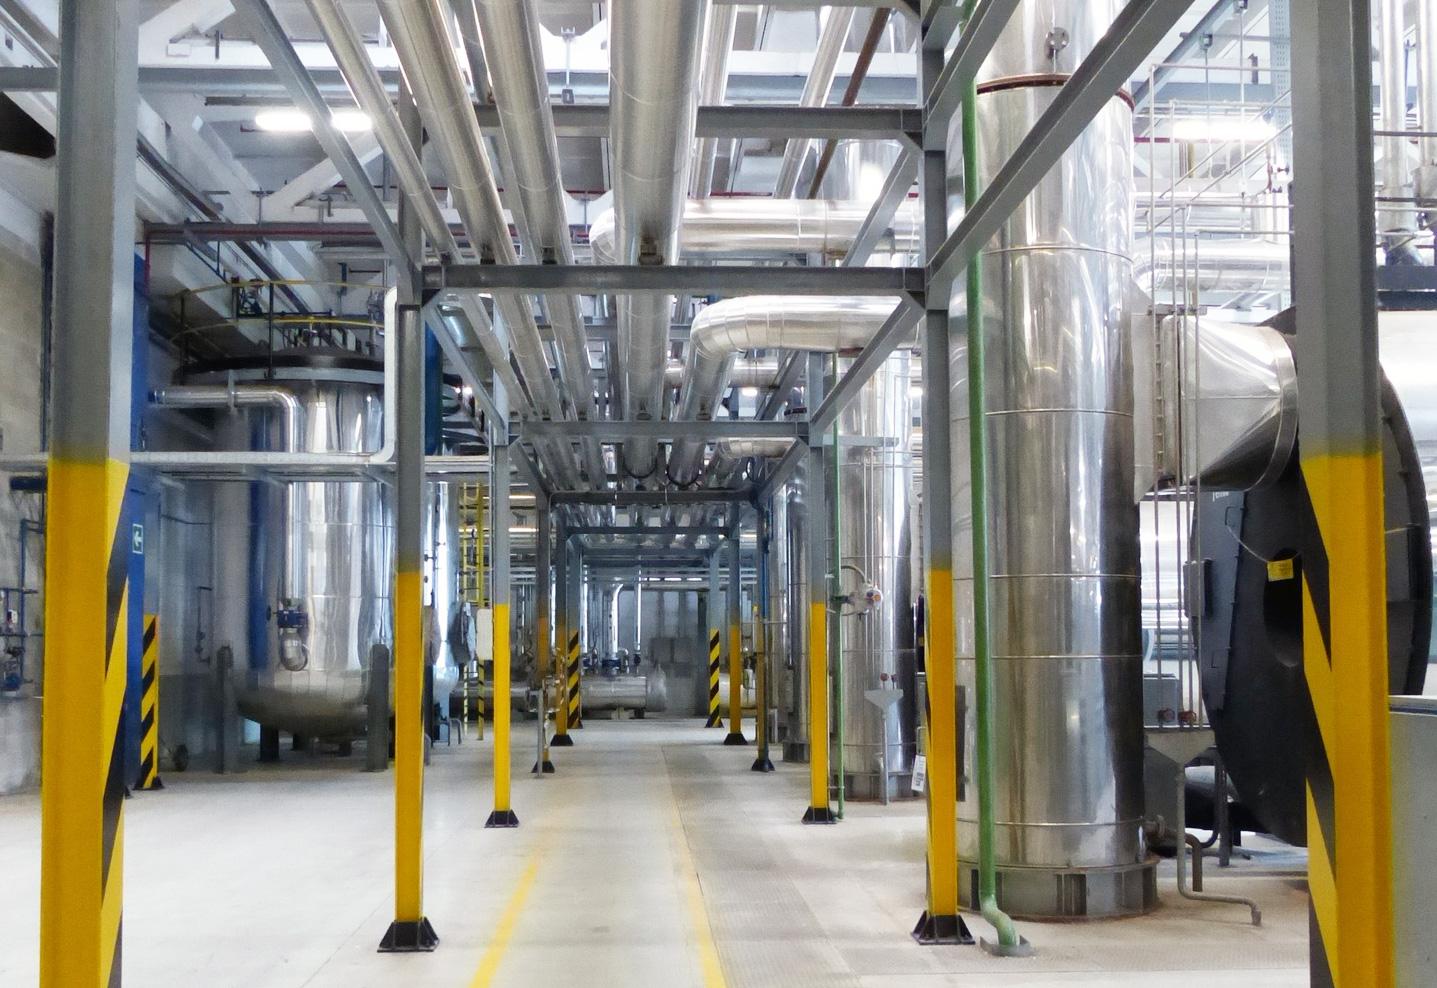 Gruppo ingegneria Torino - Settore Impianti civili e industriali